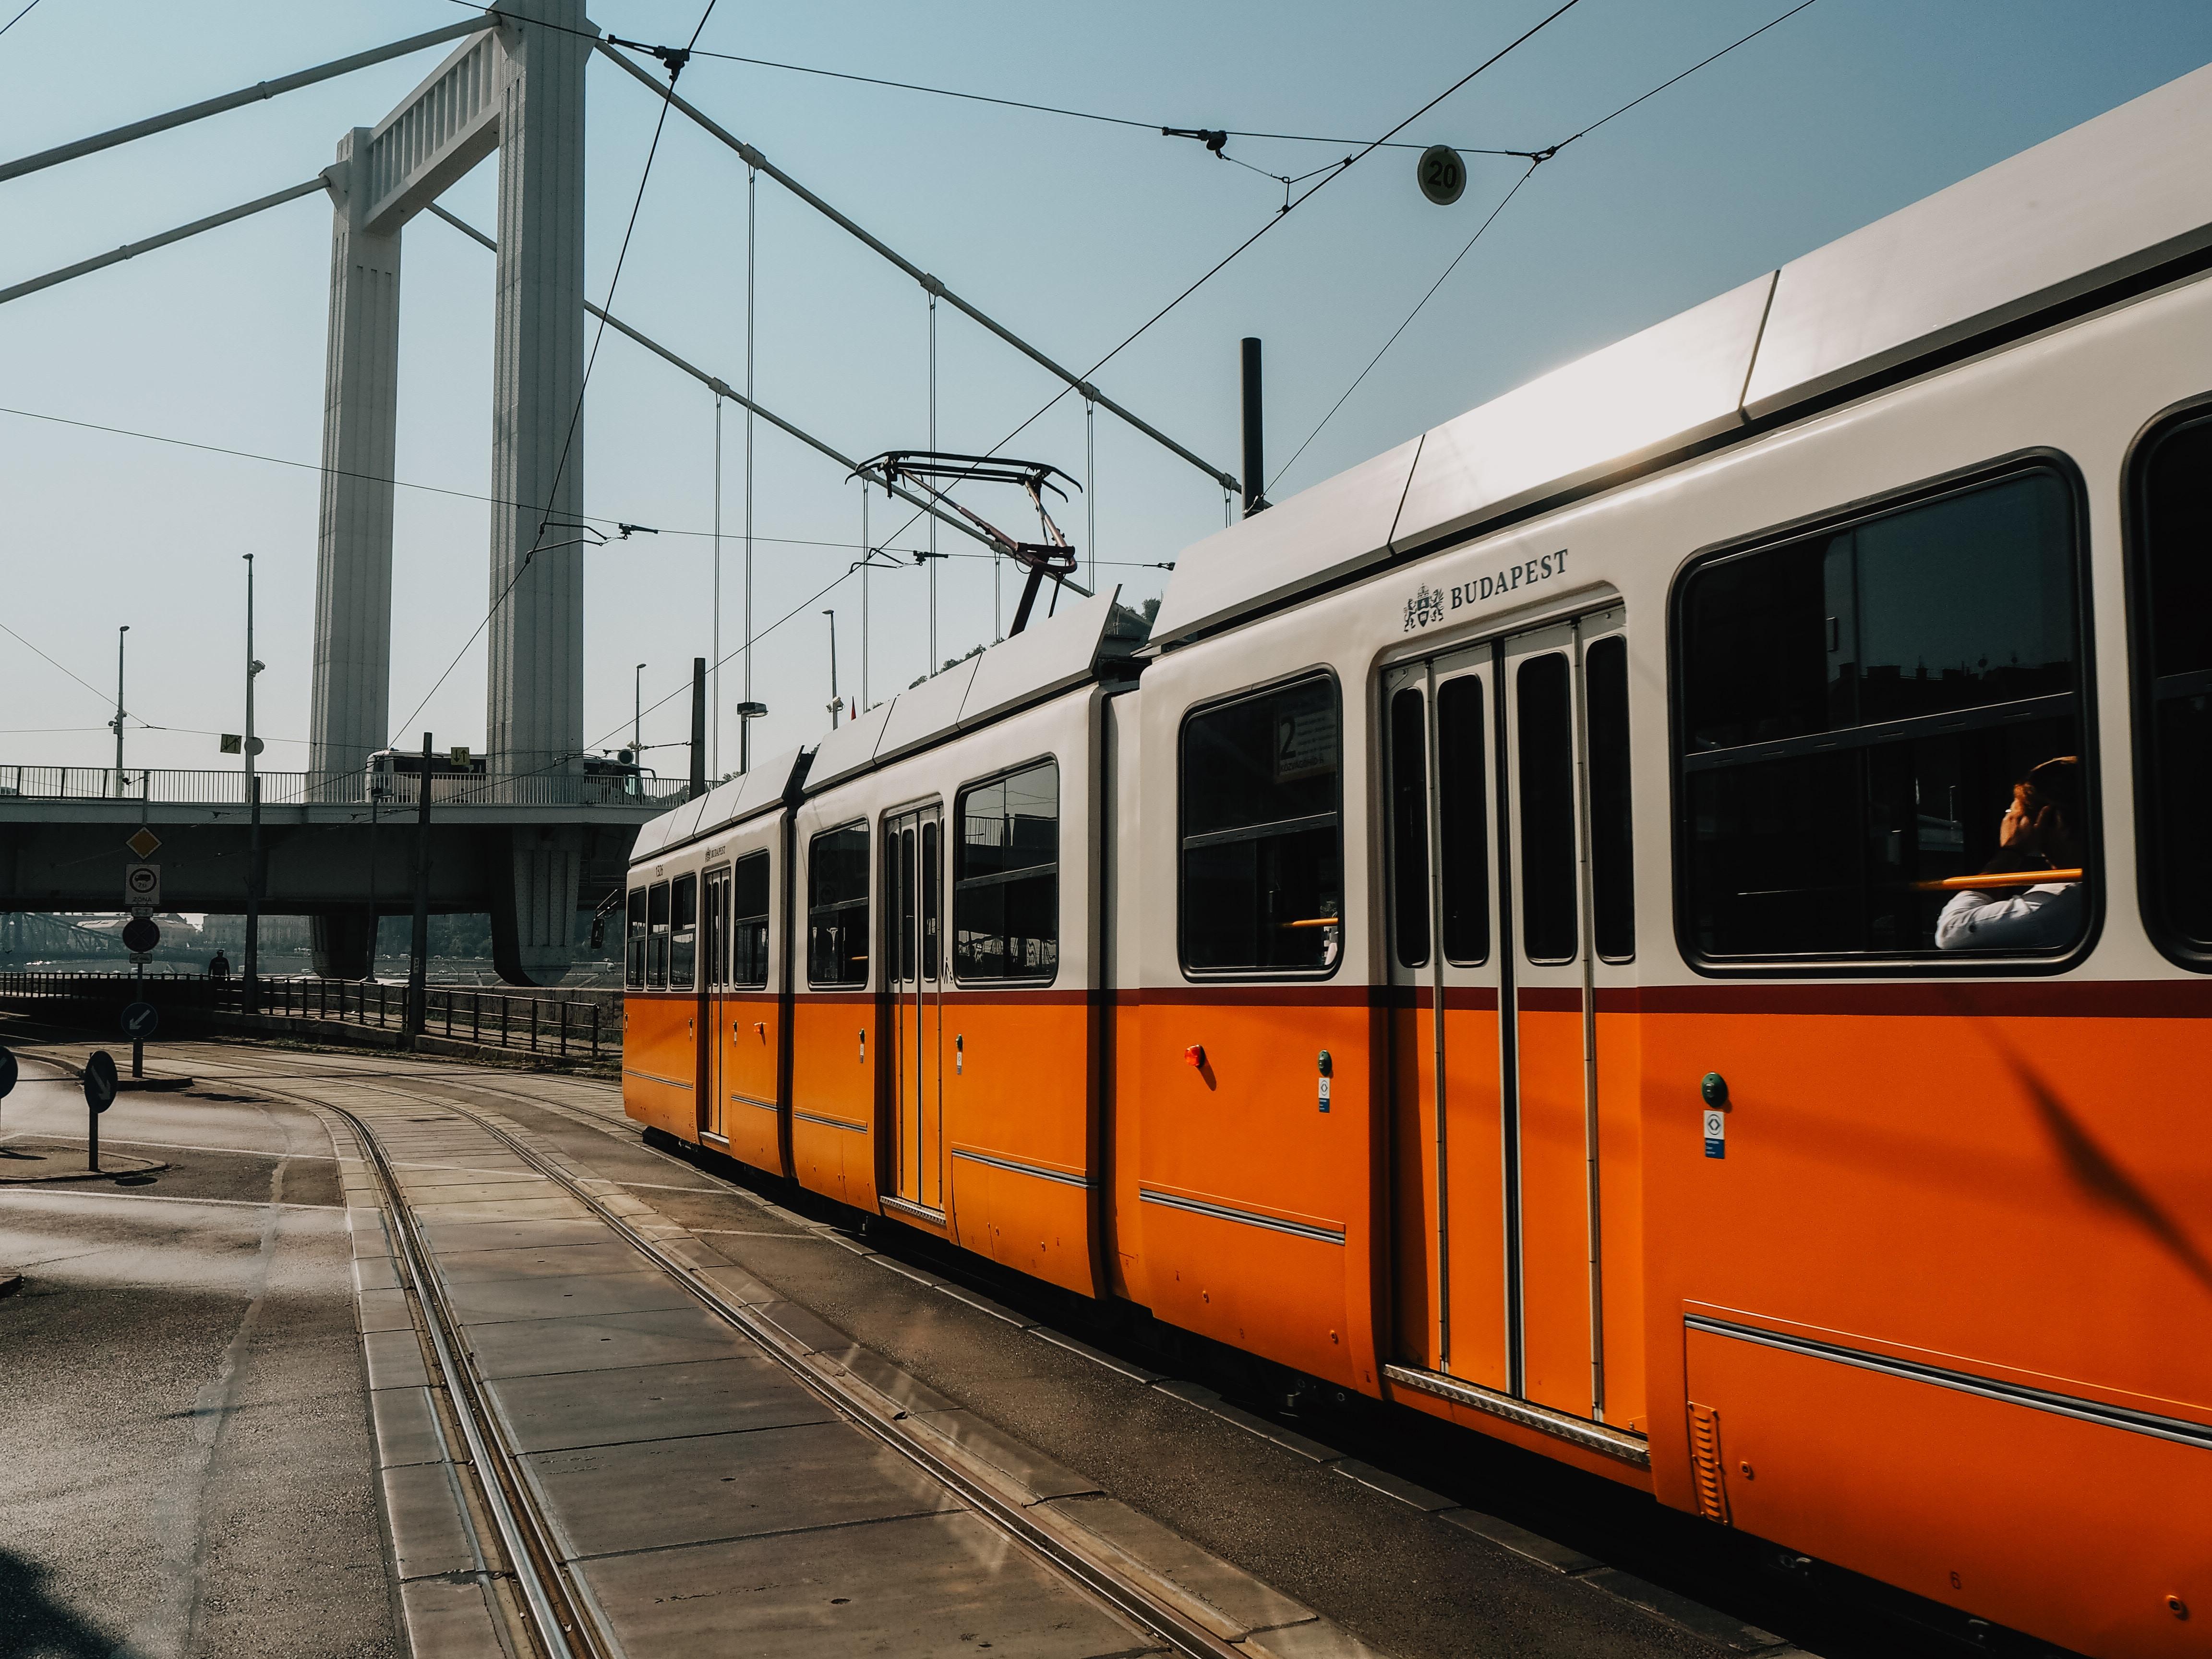 white and orange train near suspension bridge